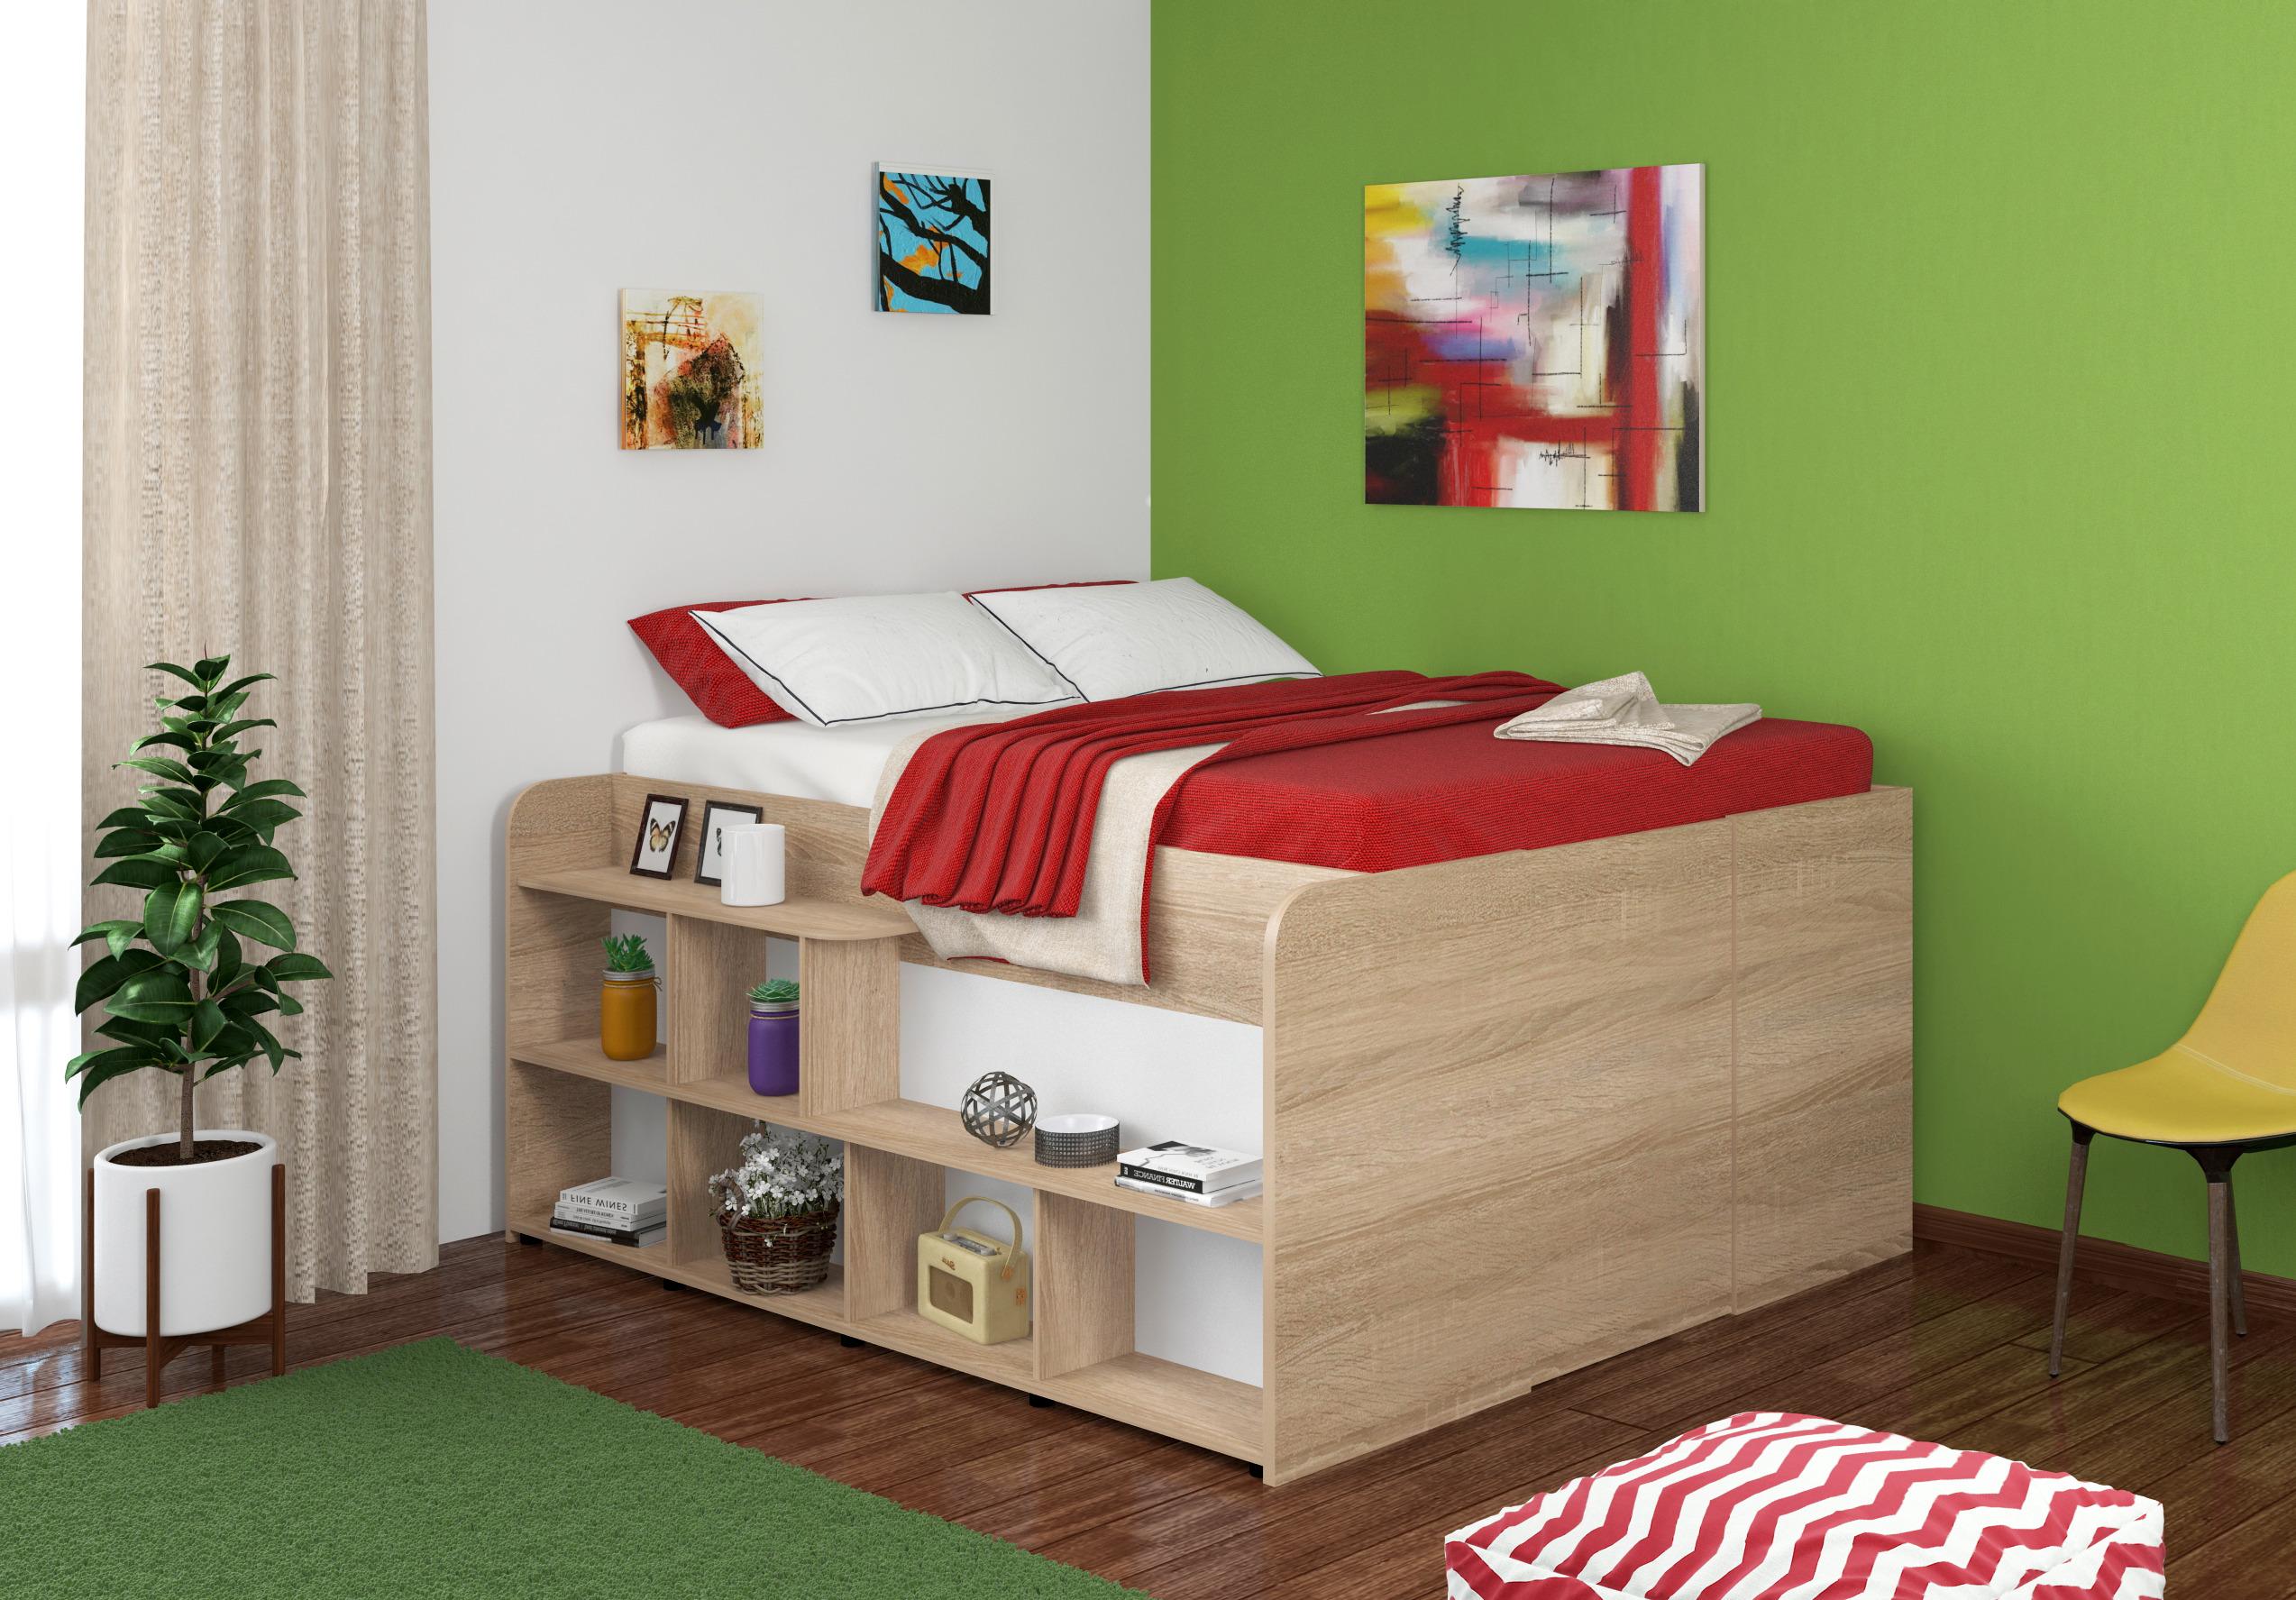 Кровать Twist UP/LКровати одноярусные<br><br><br>Длина мм: 1640<br>Высота мм: 885<br>Глубина мм: 1940